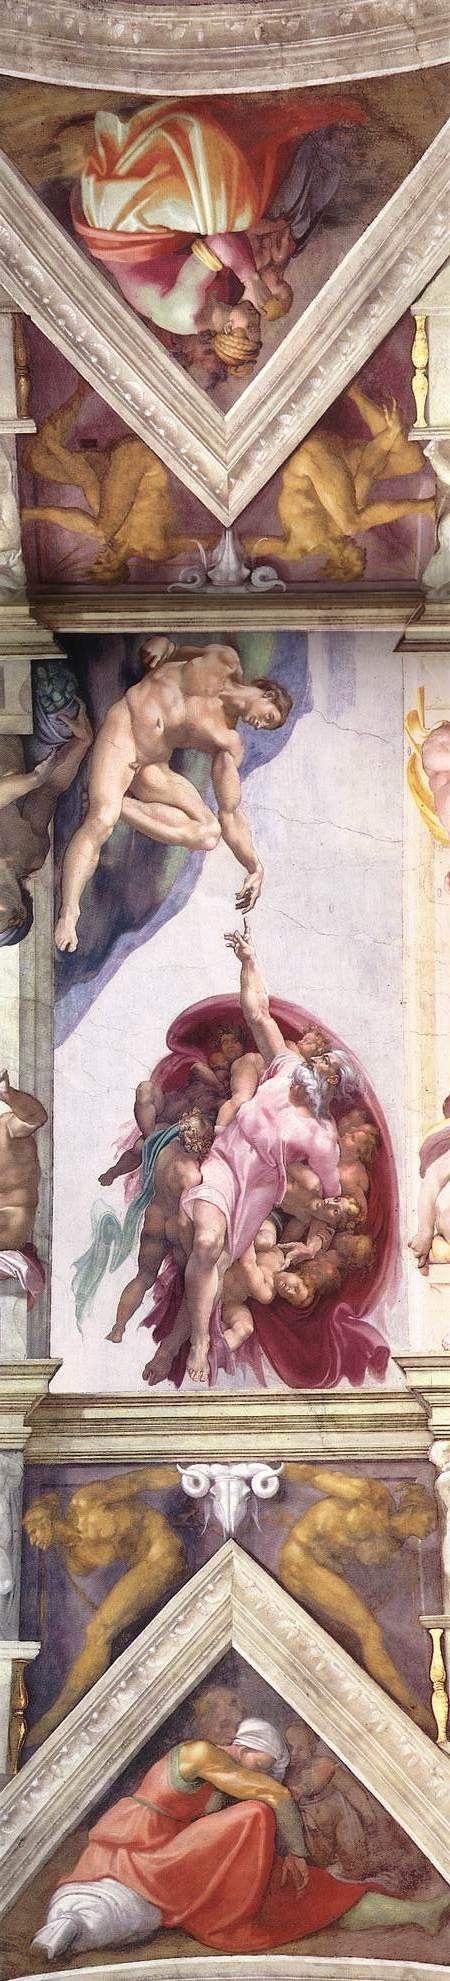 Detalle interior del techo de la Capilla Sixtina - Michelangelo Buonarroti - (1475-1564).